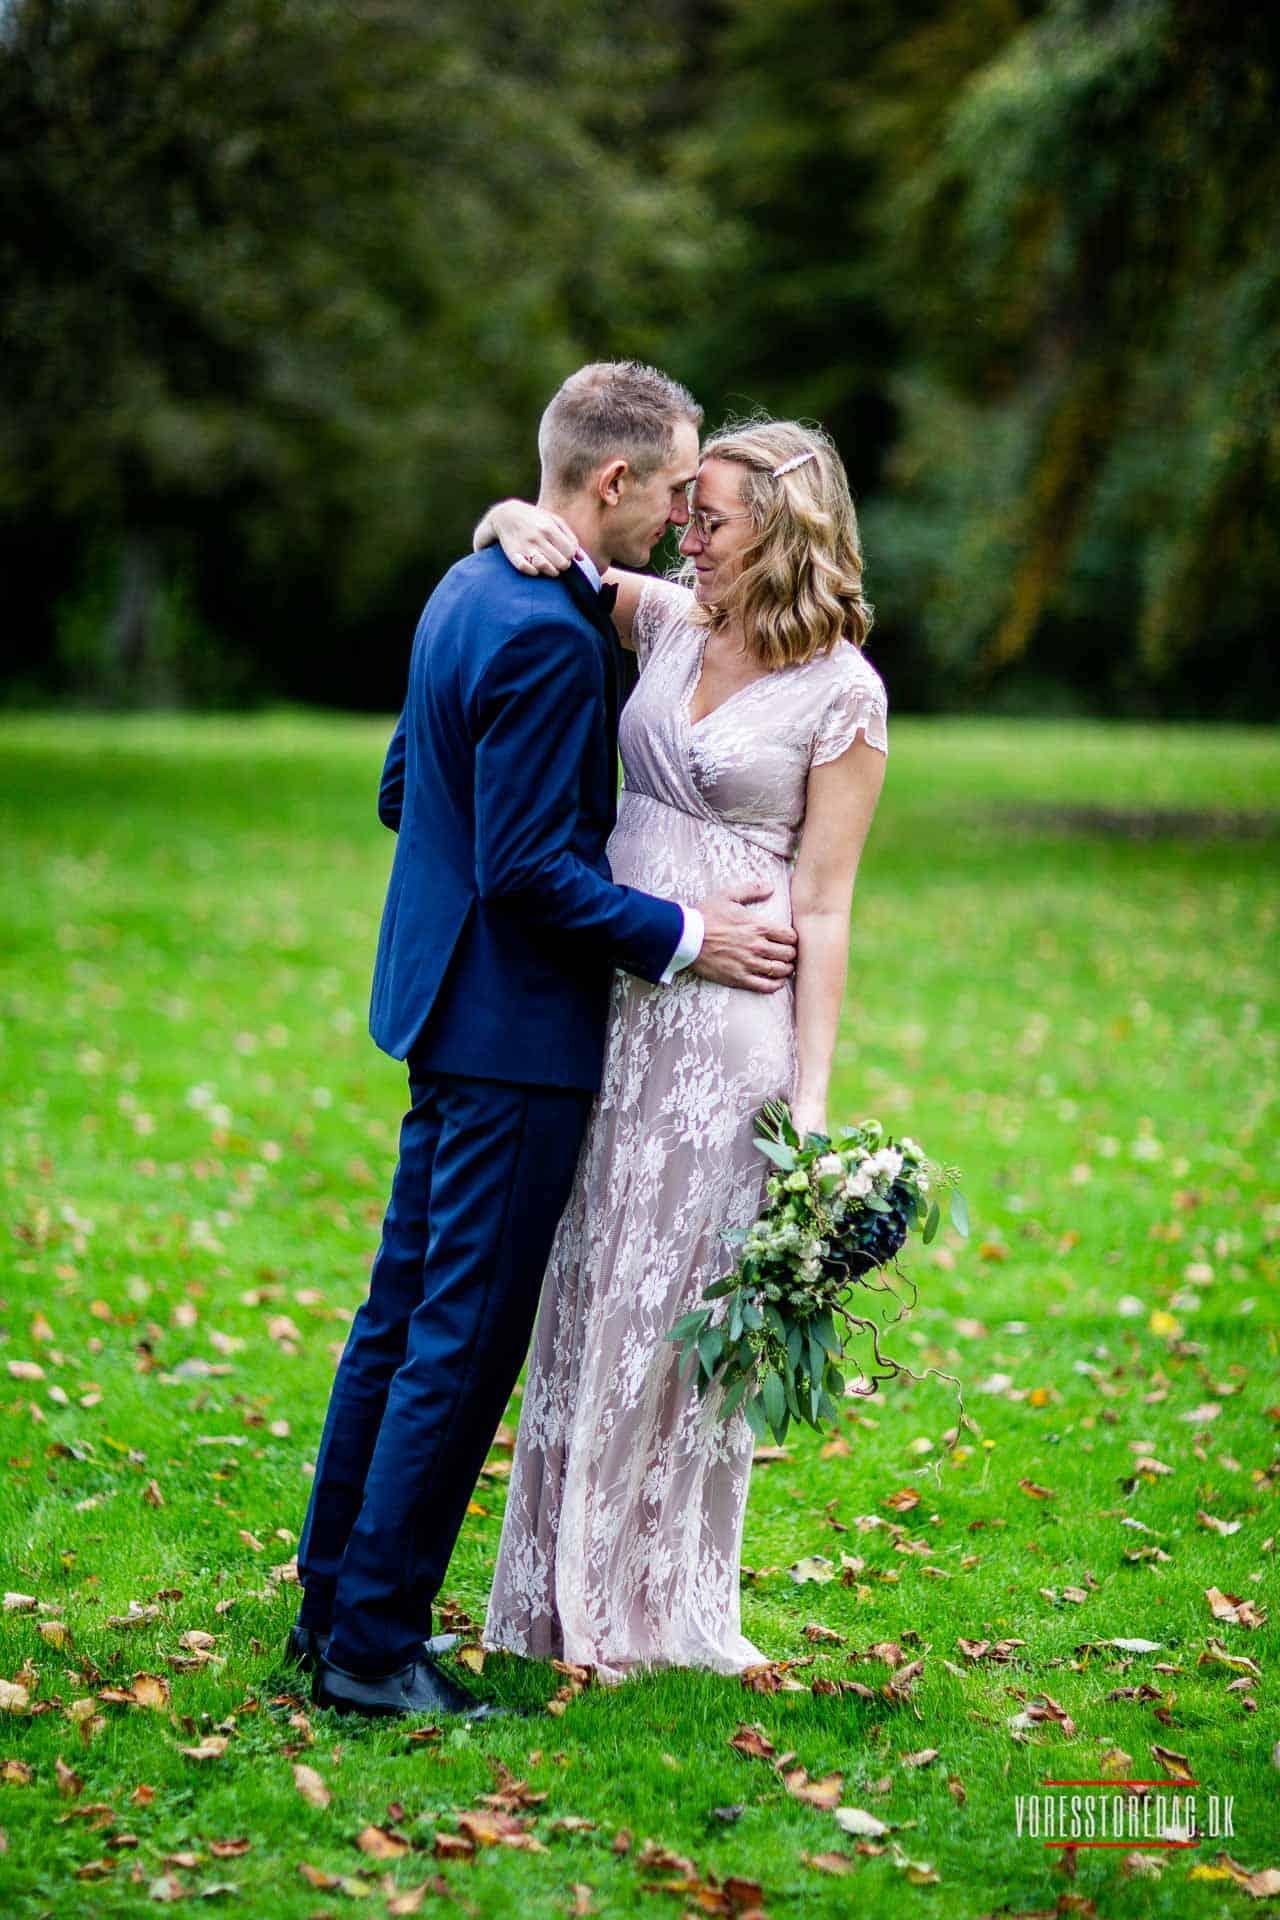 Et uforglemmeligt bryllup. Med den smukke natur